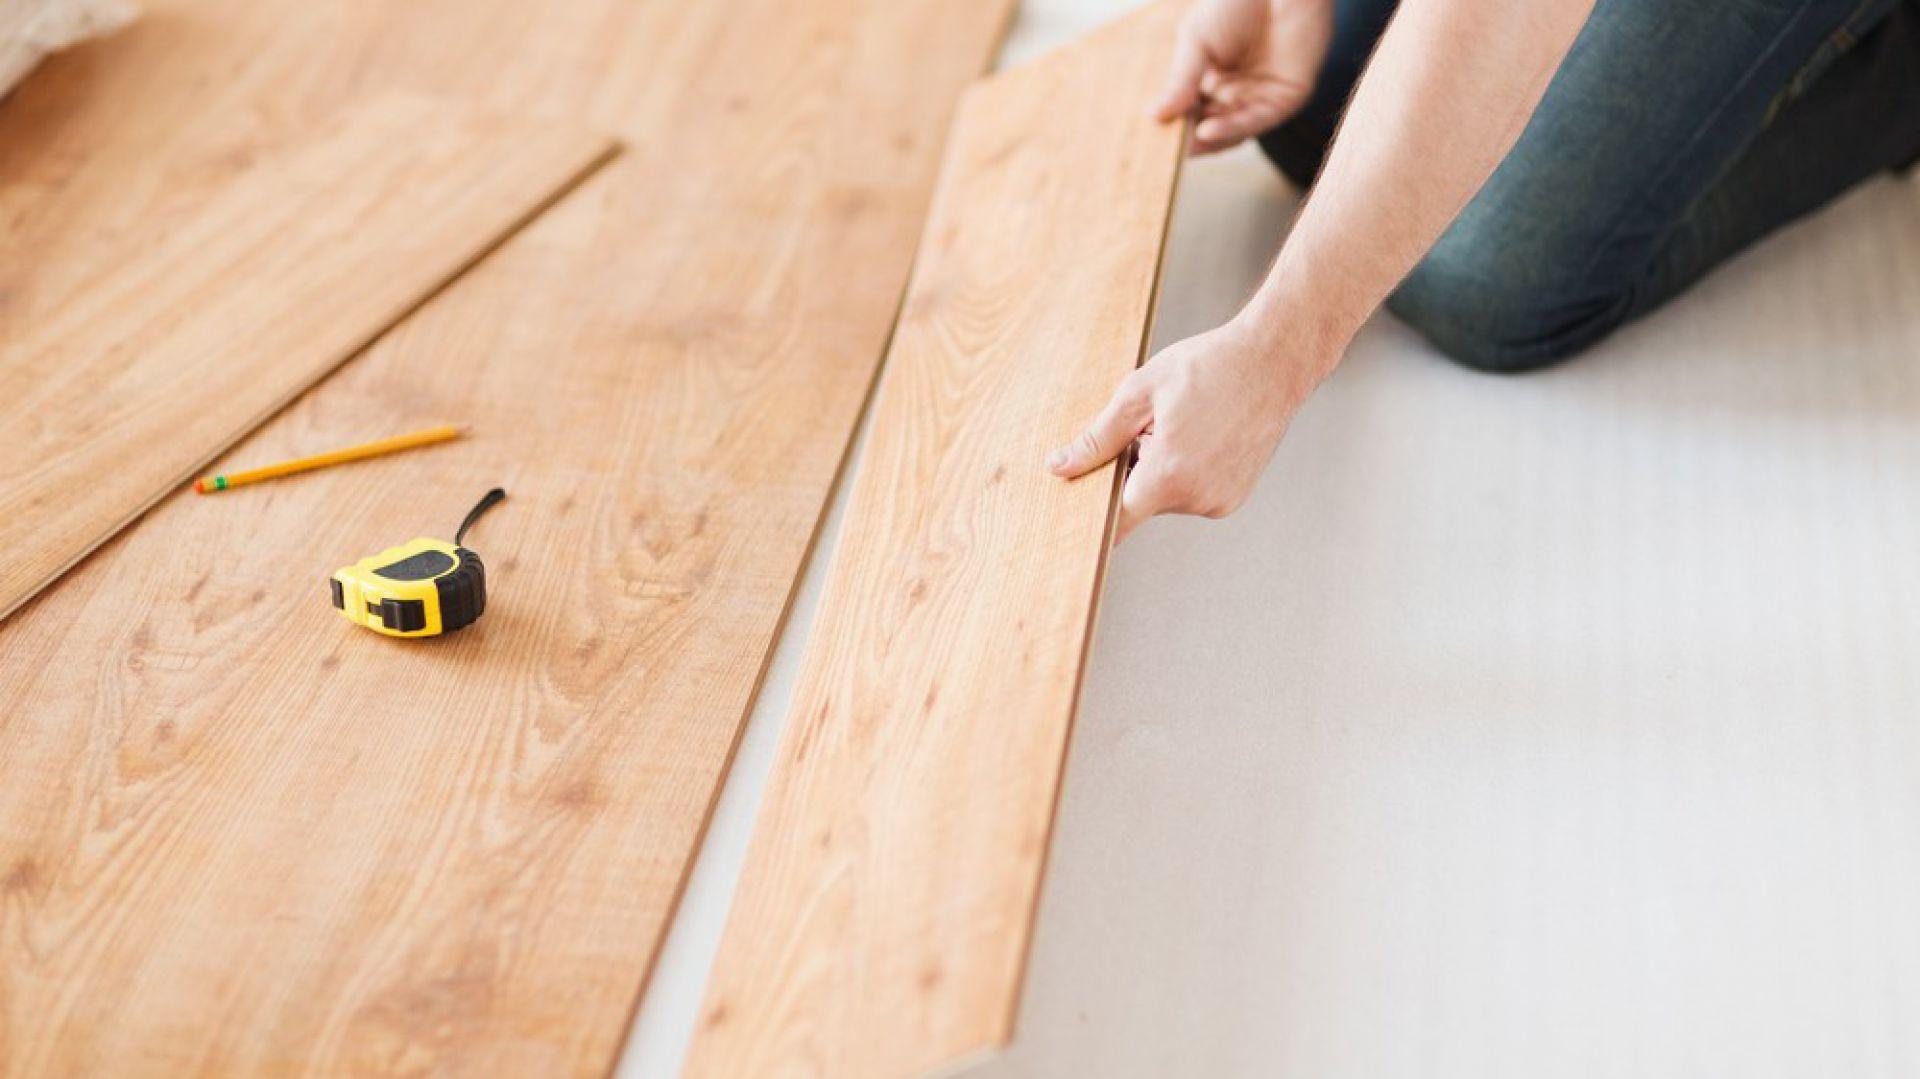 Układanie kolejnego rzędu paneli należy rozpoczynać od ostatniego fragmentu panelu z rzędu poprzedzającego (ten nie powinien być krótszy niż 40 cm – co pozwoli lepiej prezentować się gotowej podłodze, gdy panele będą miały podobną długość). Fot. Lange Łukaszuk